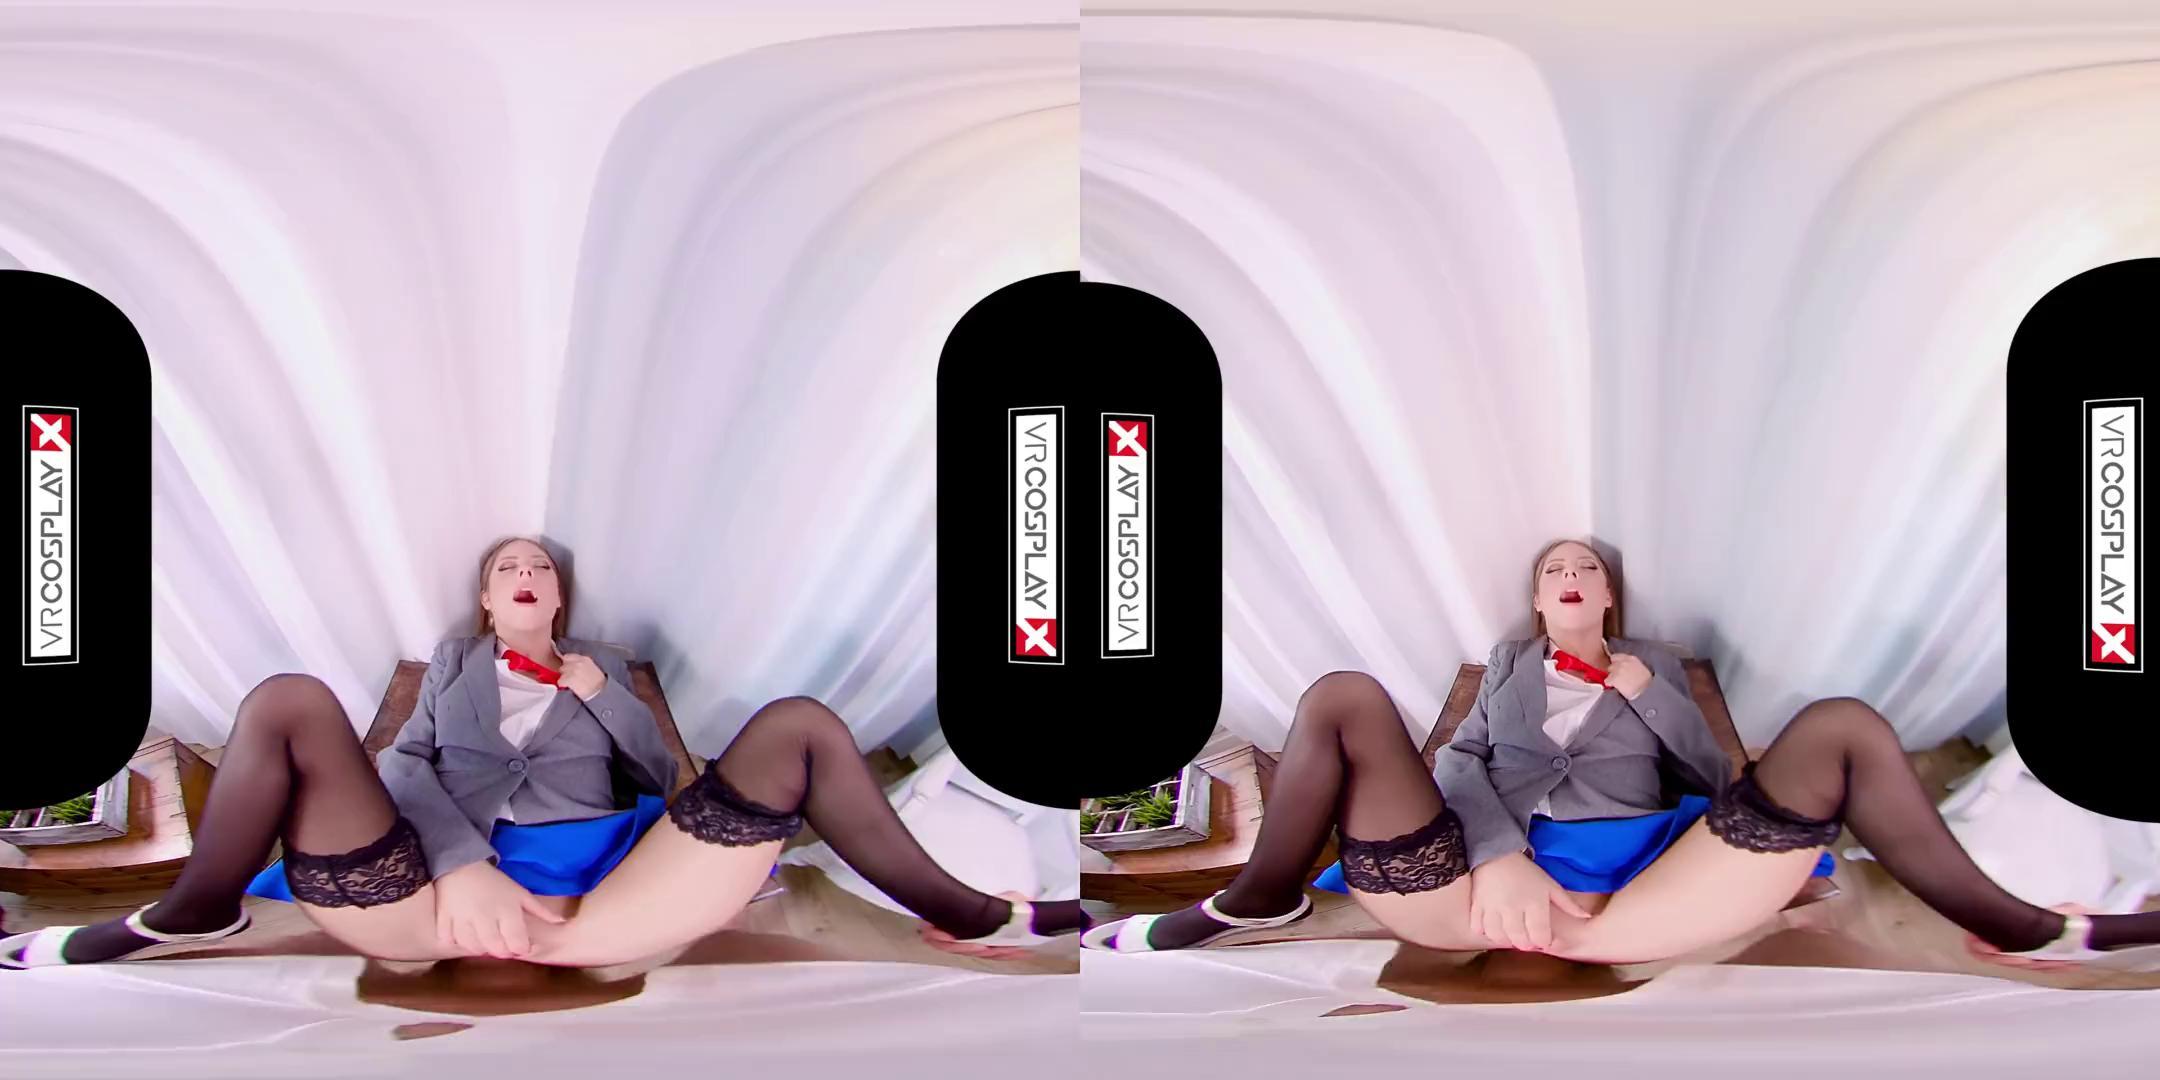 Virtual Big Natural Tits Hd